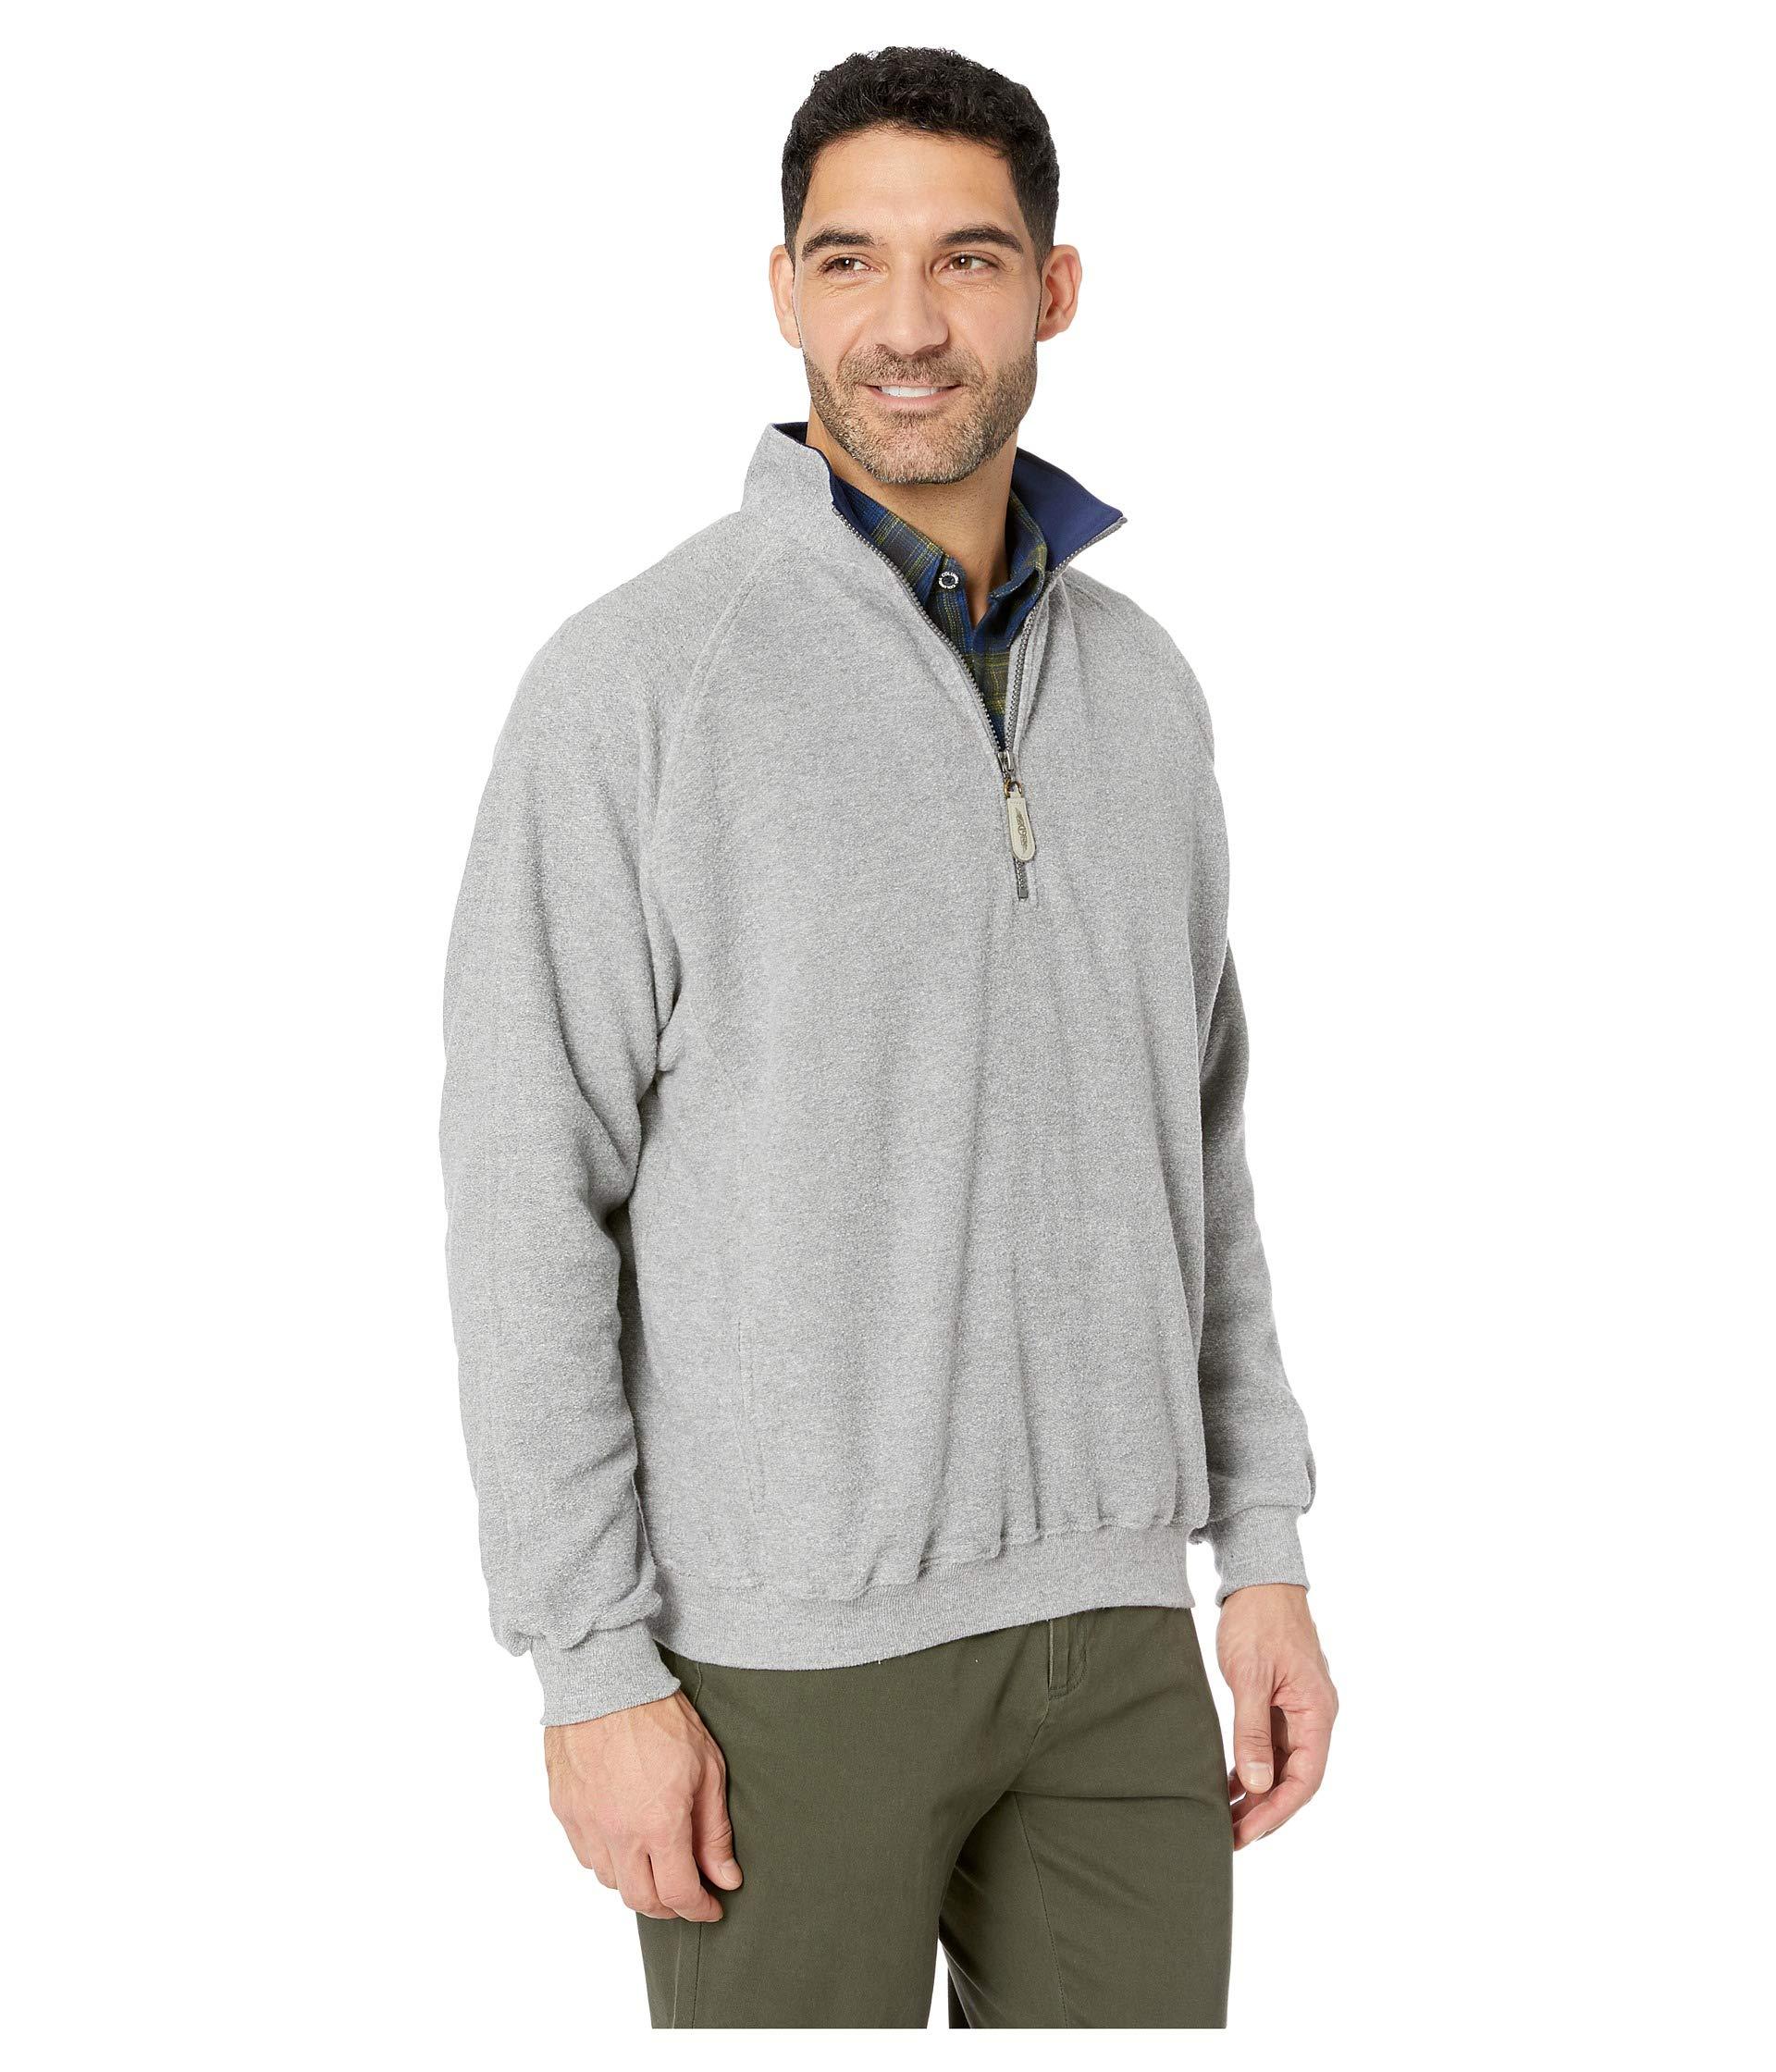 Down Zip navy Fairway Charcoal Fleece Straight Light Hw1qC1